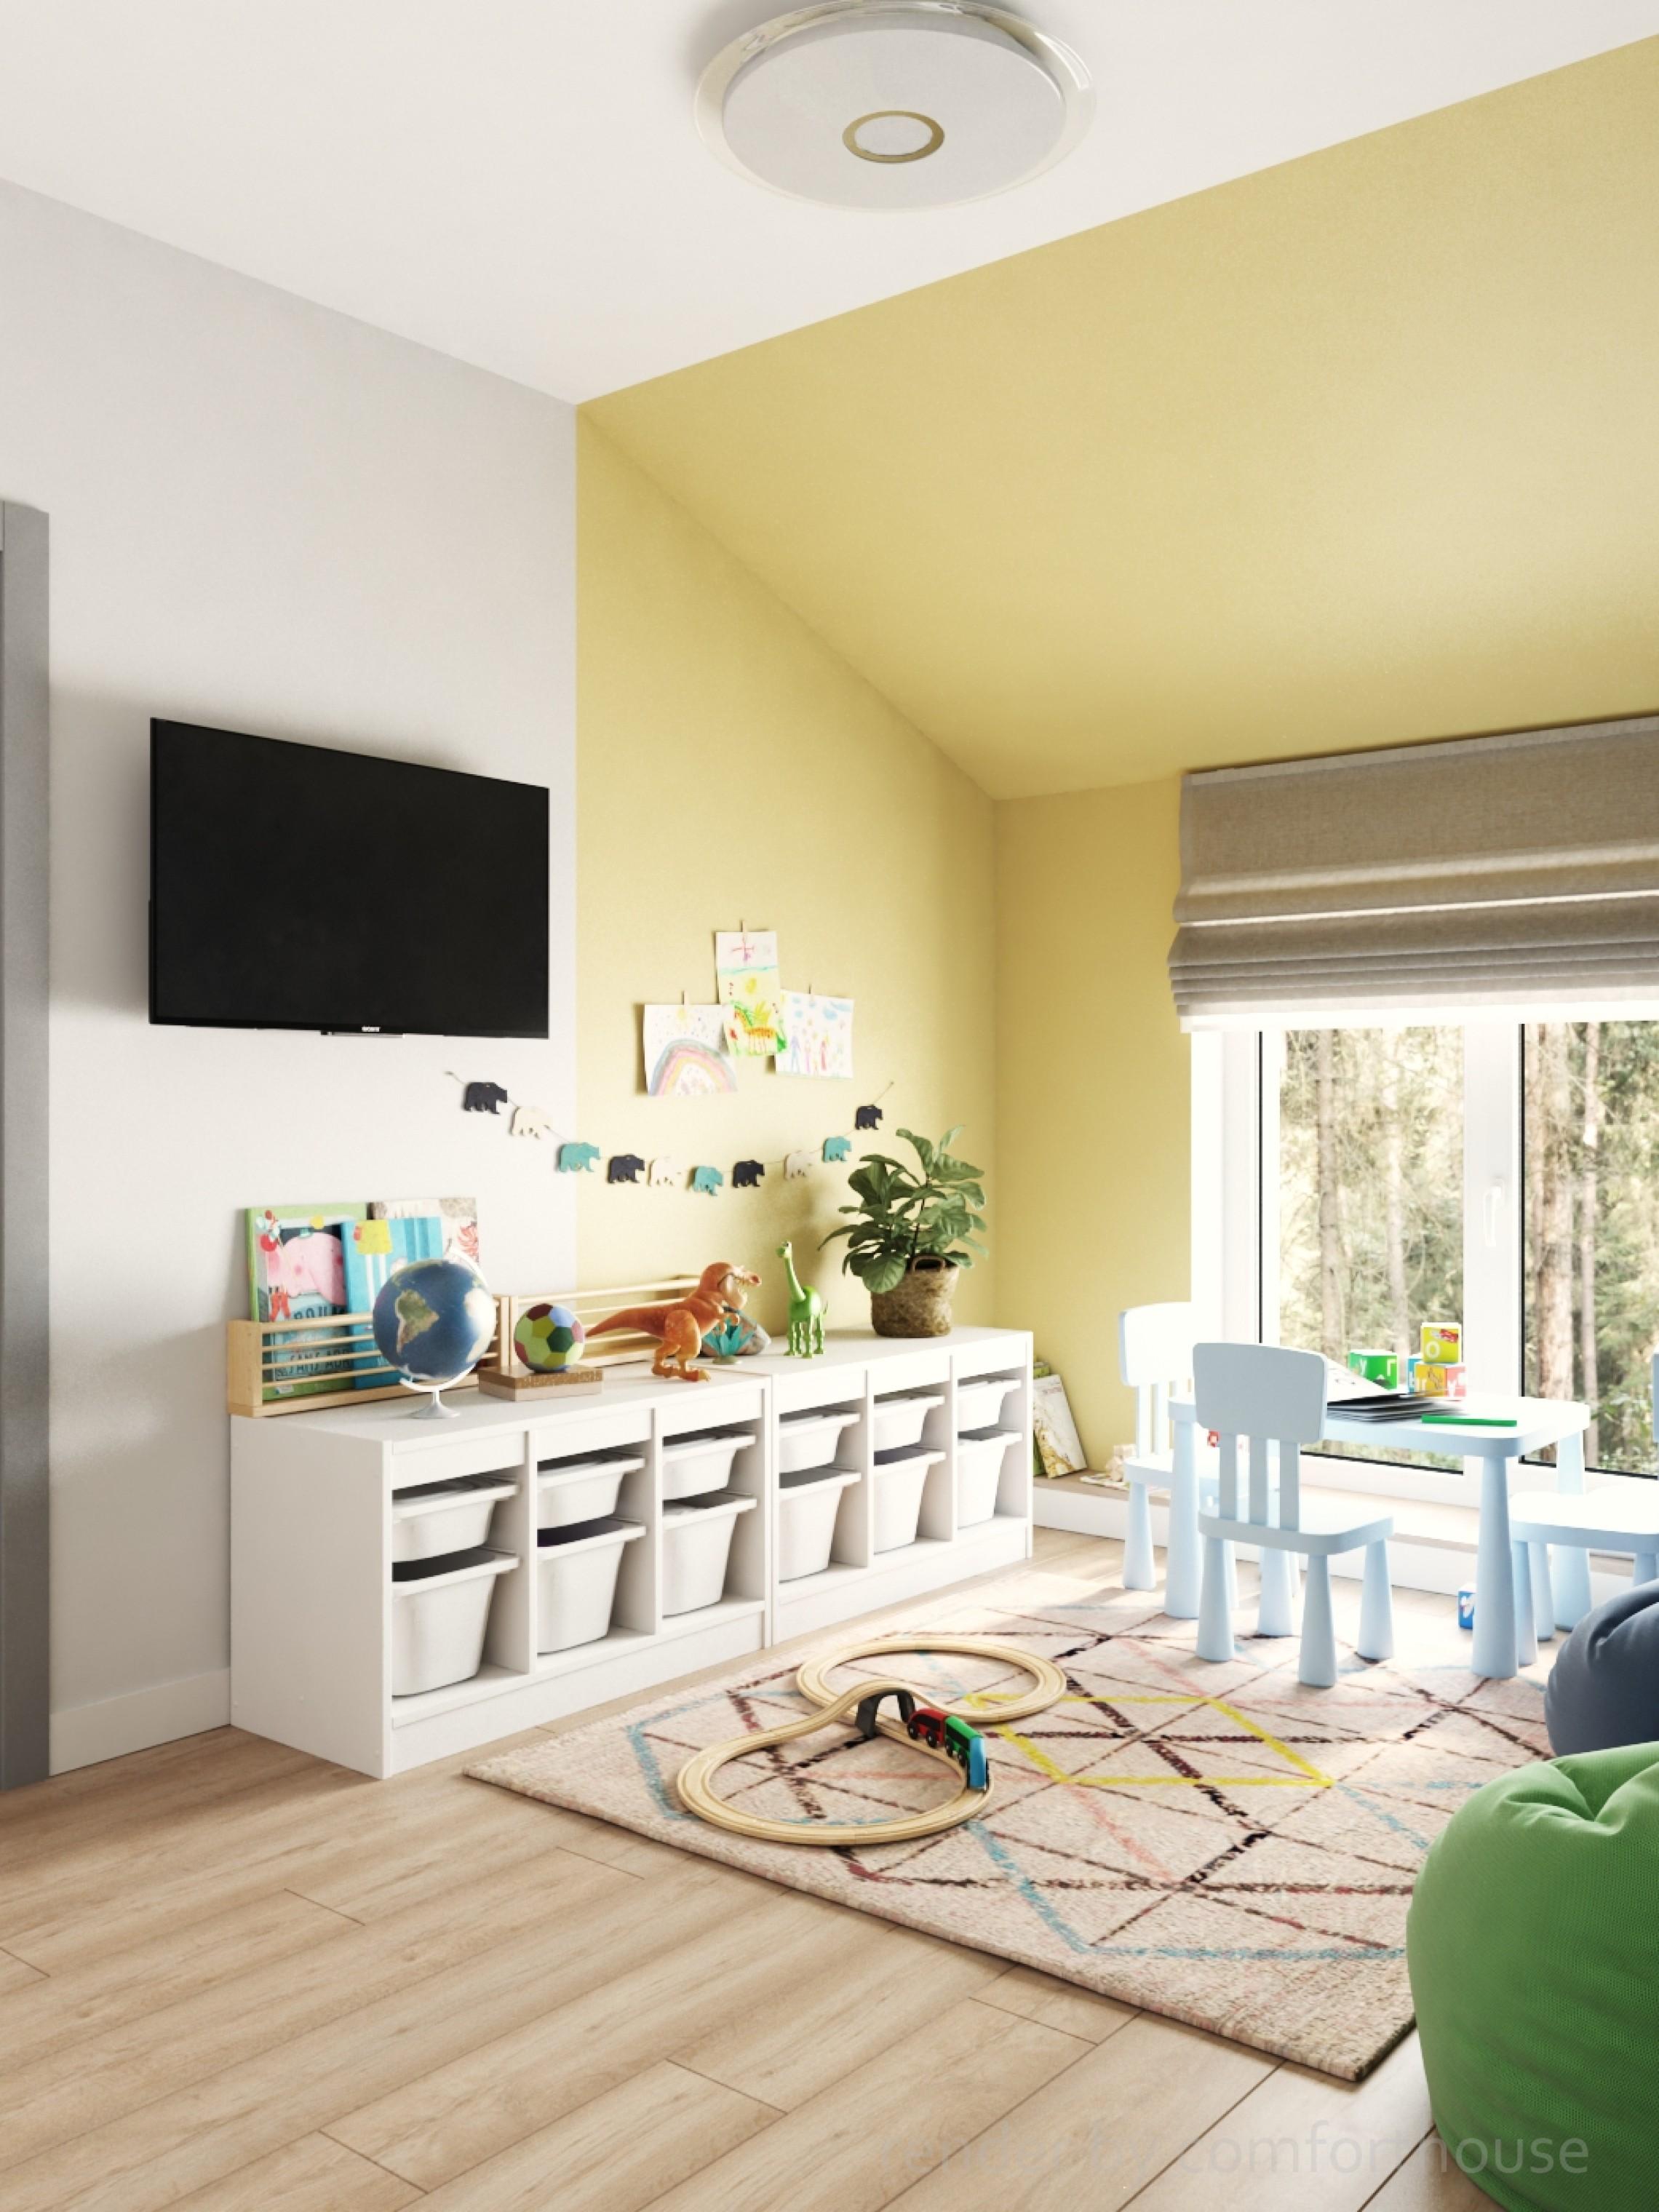 kidsroom_boys_playroom